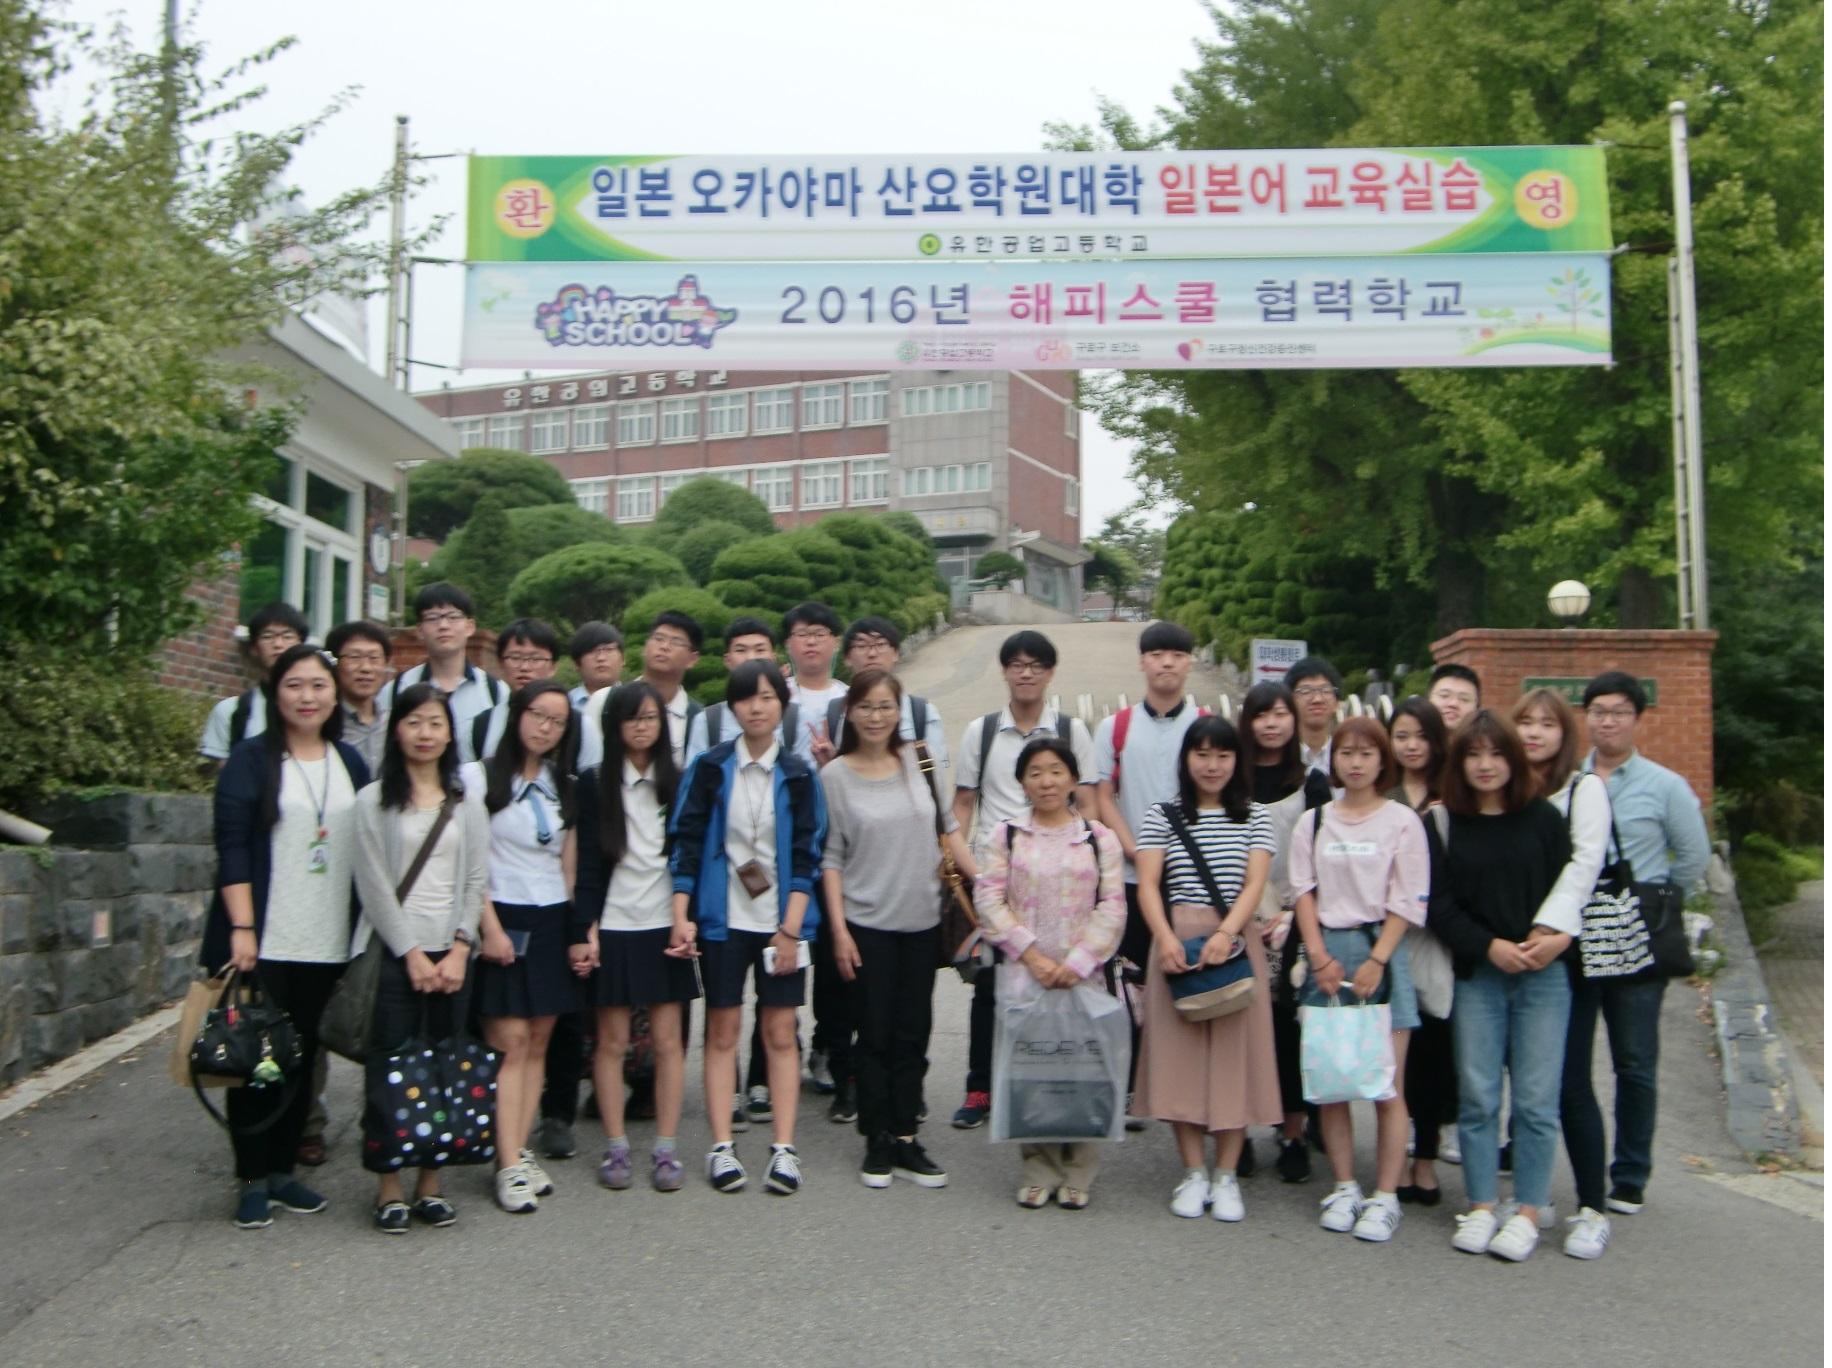 ⑥柳韓工業高校の正門の前で。この横断幕、気に入っています。